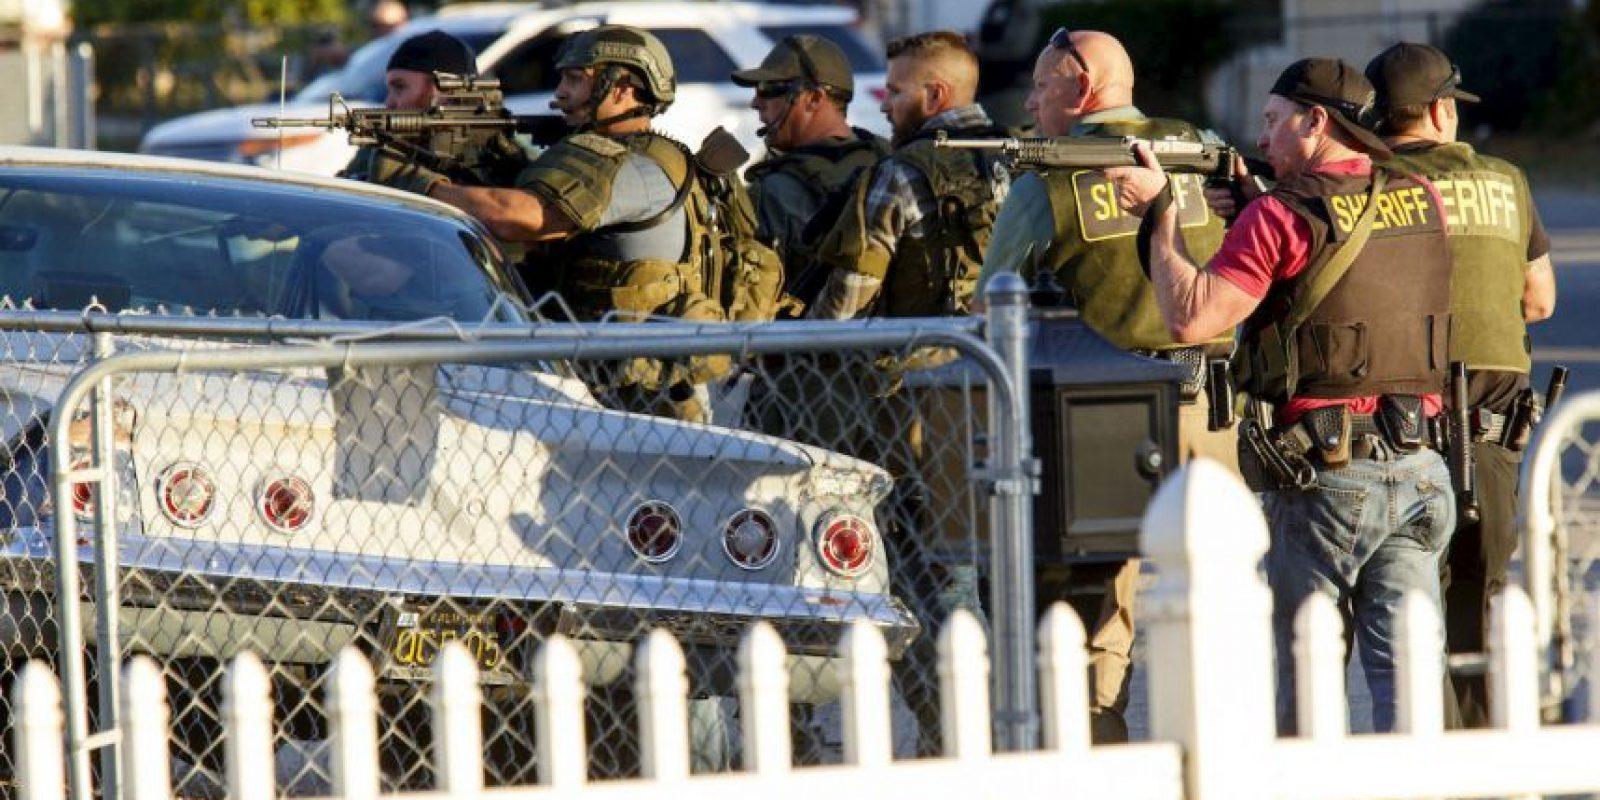 El presidente de Estados Unidos, Barack Obama no descartó que el tiroteo de California fuera un atentado terrorista. Foto:AFP